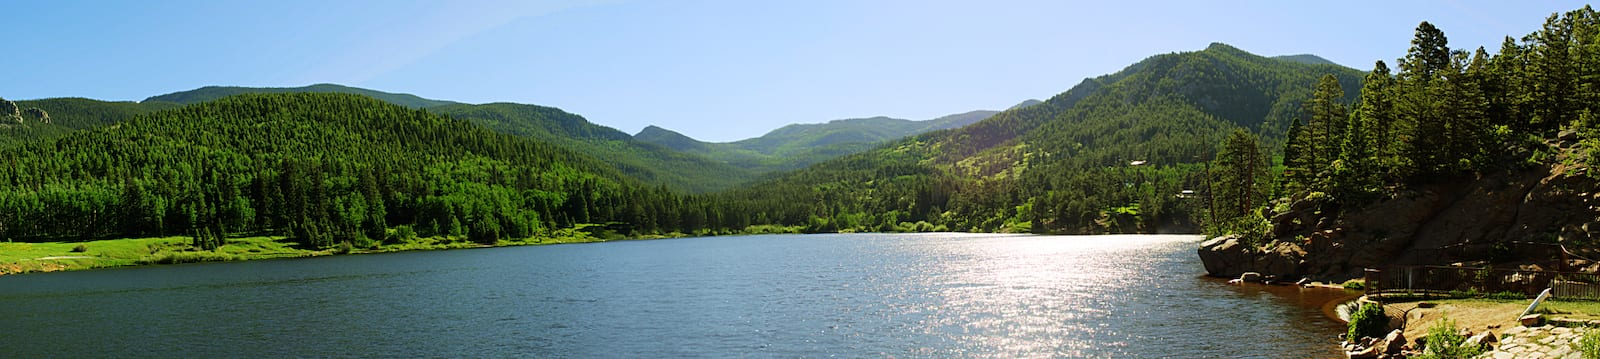 Lake Isabel Panorama, CO